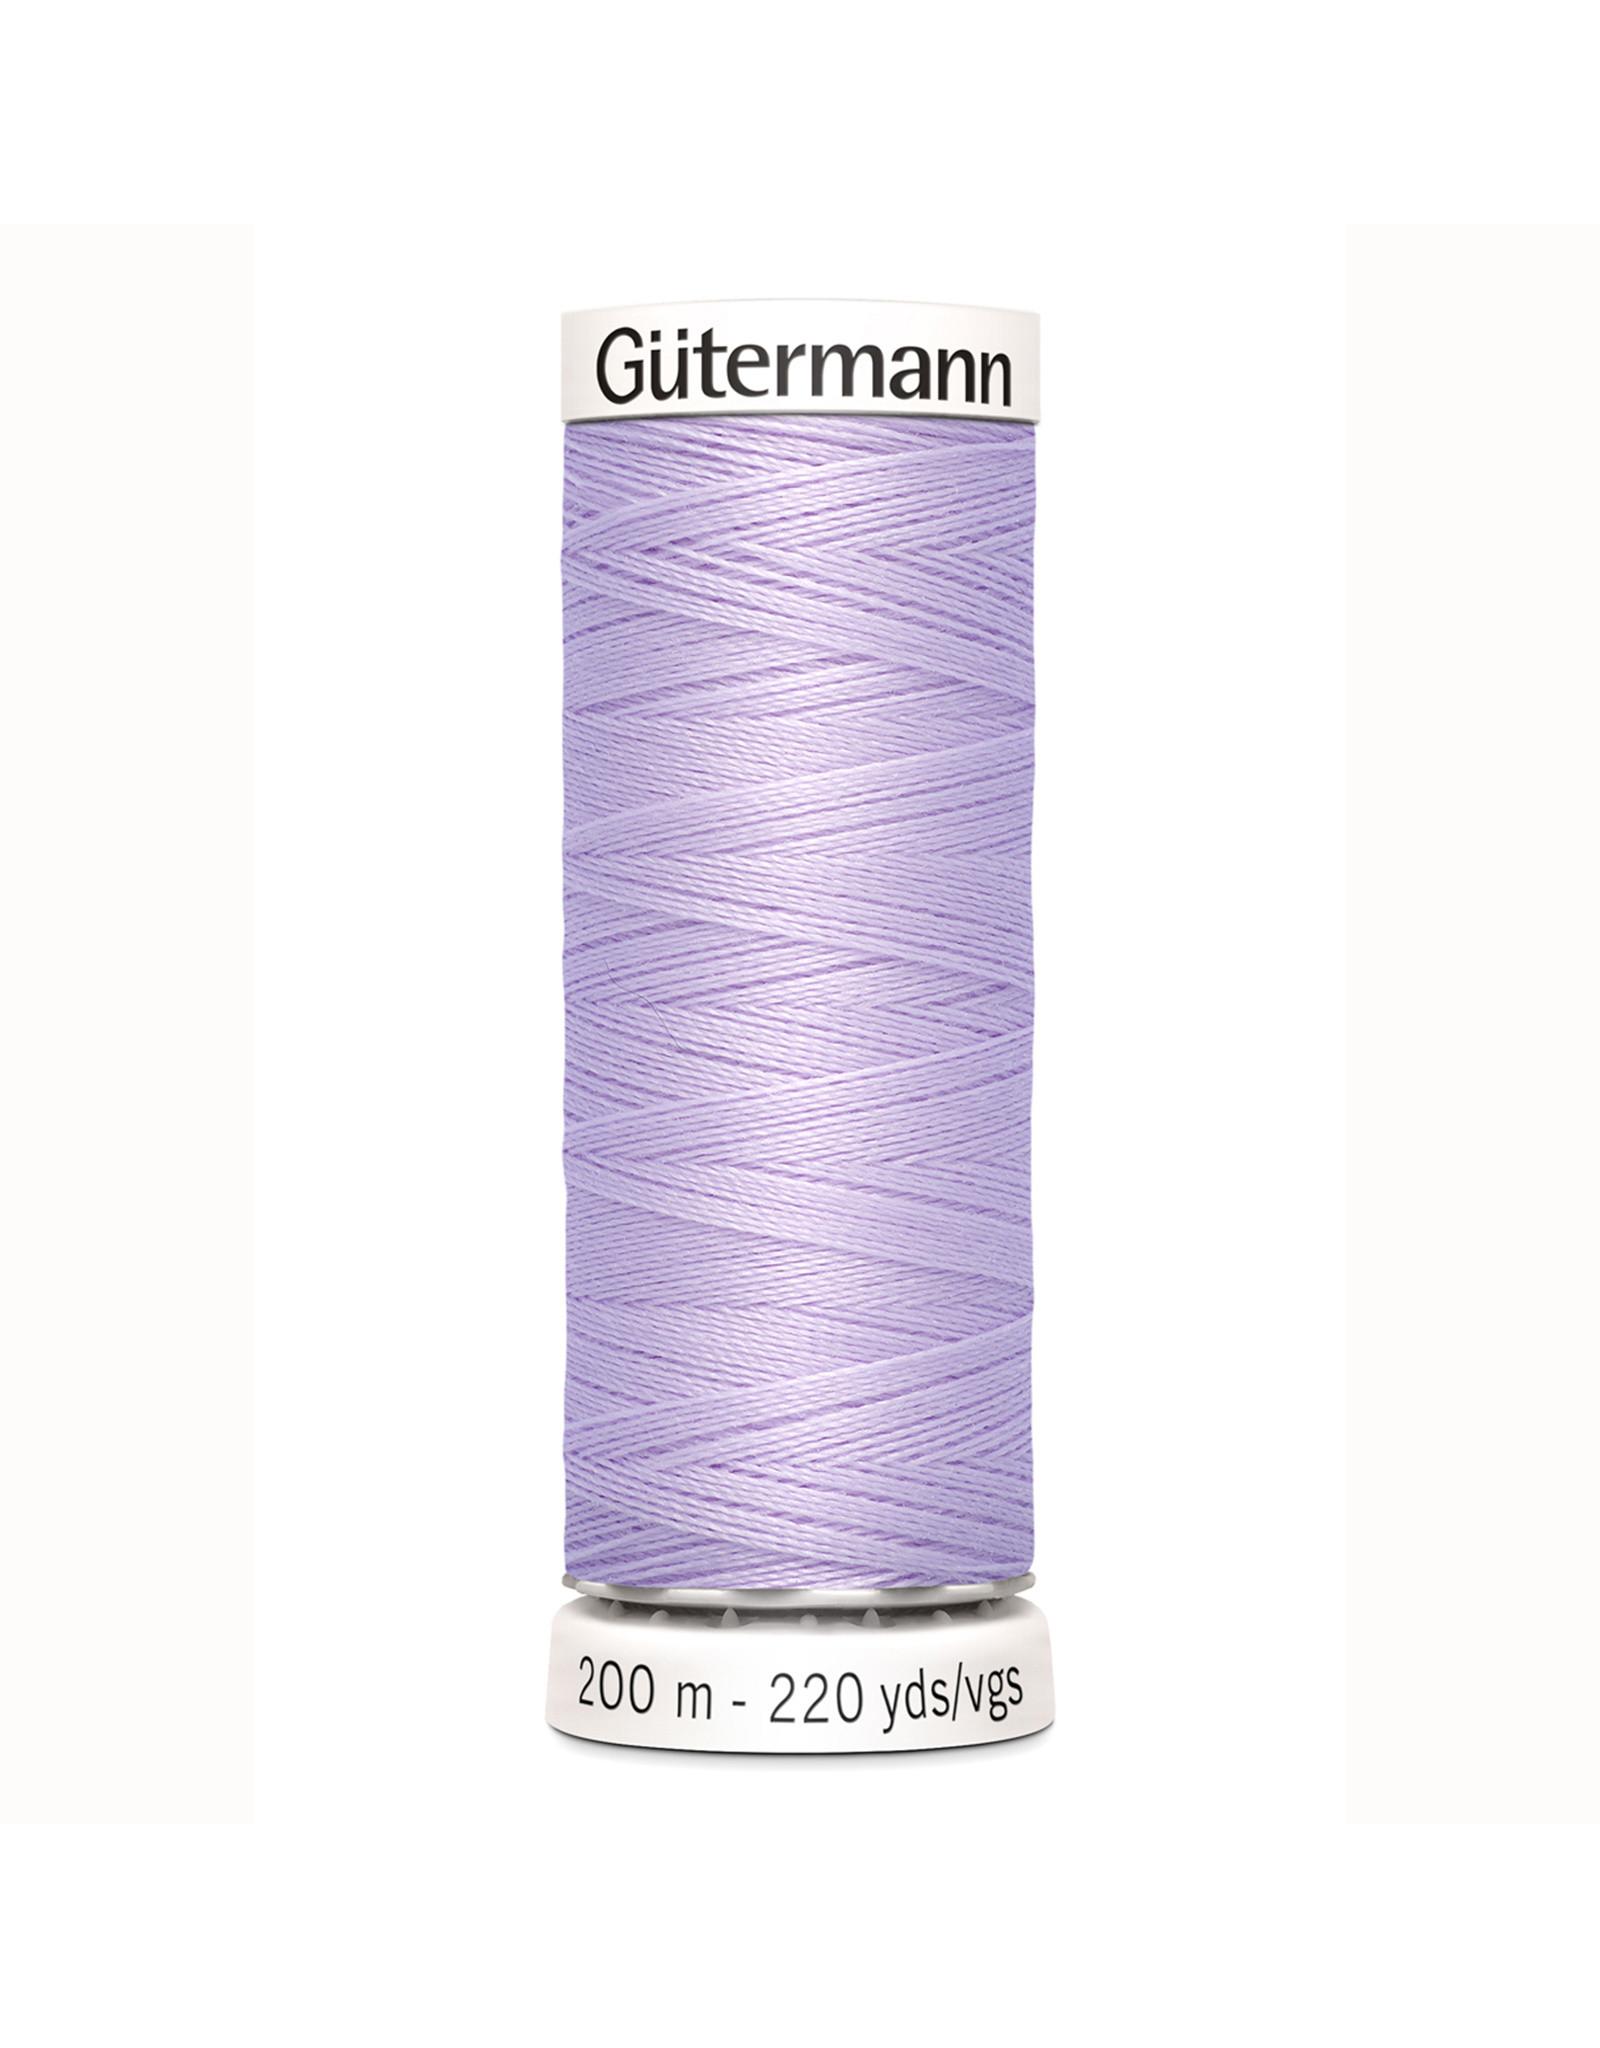 Gütermann Gütermann Nähgarn 200 m - nr 442